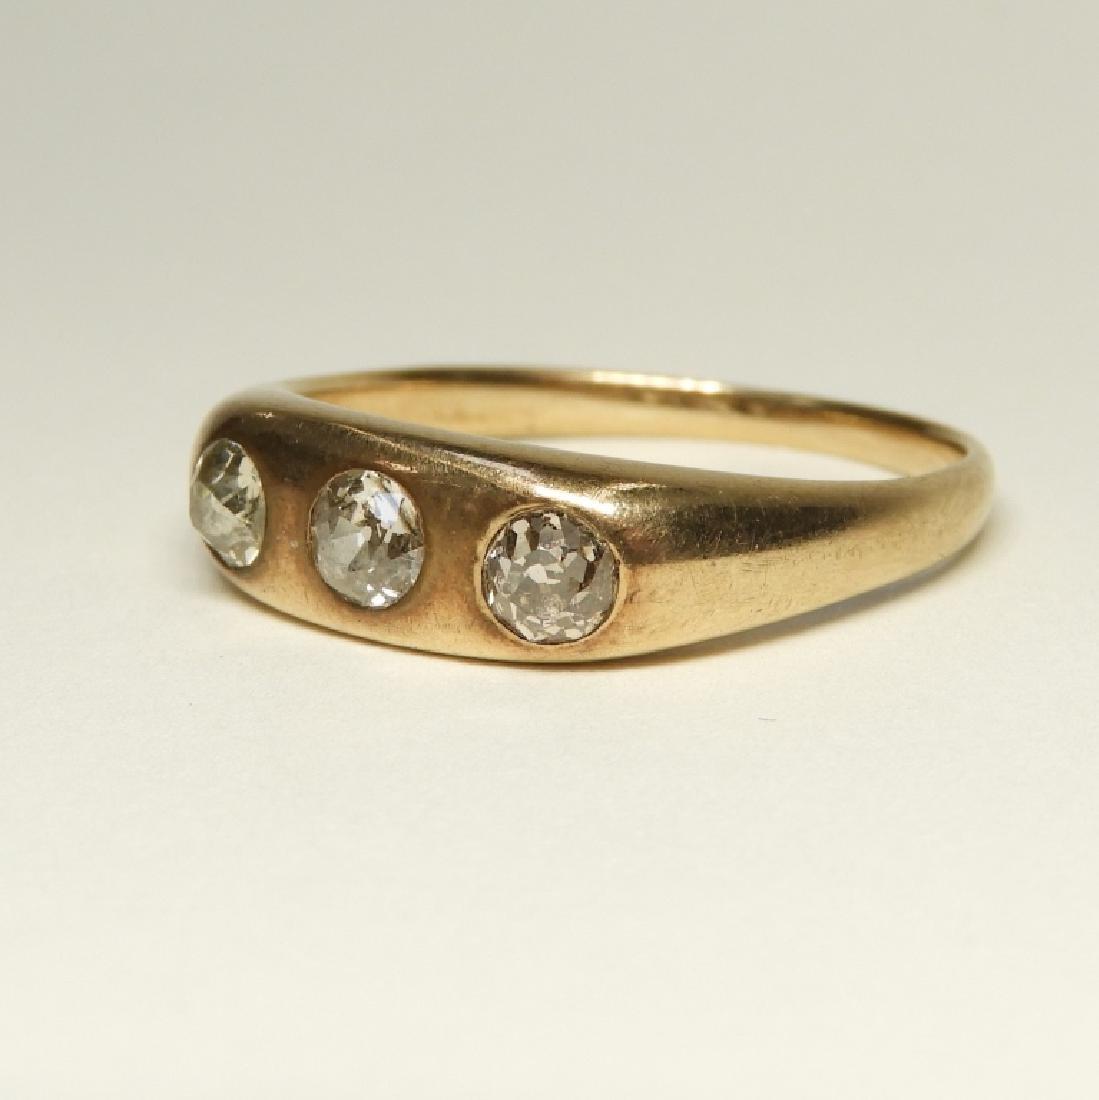 Modernist Design 14K Gold Diamond Ring - 2